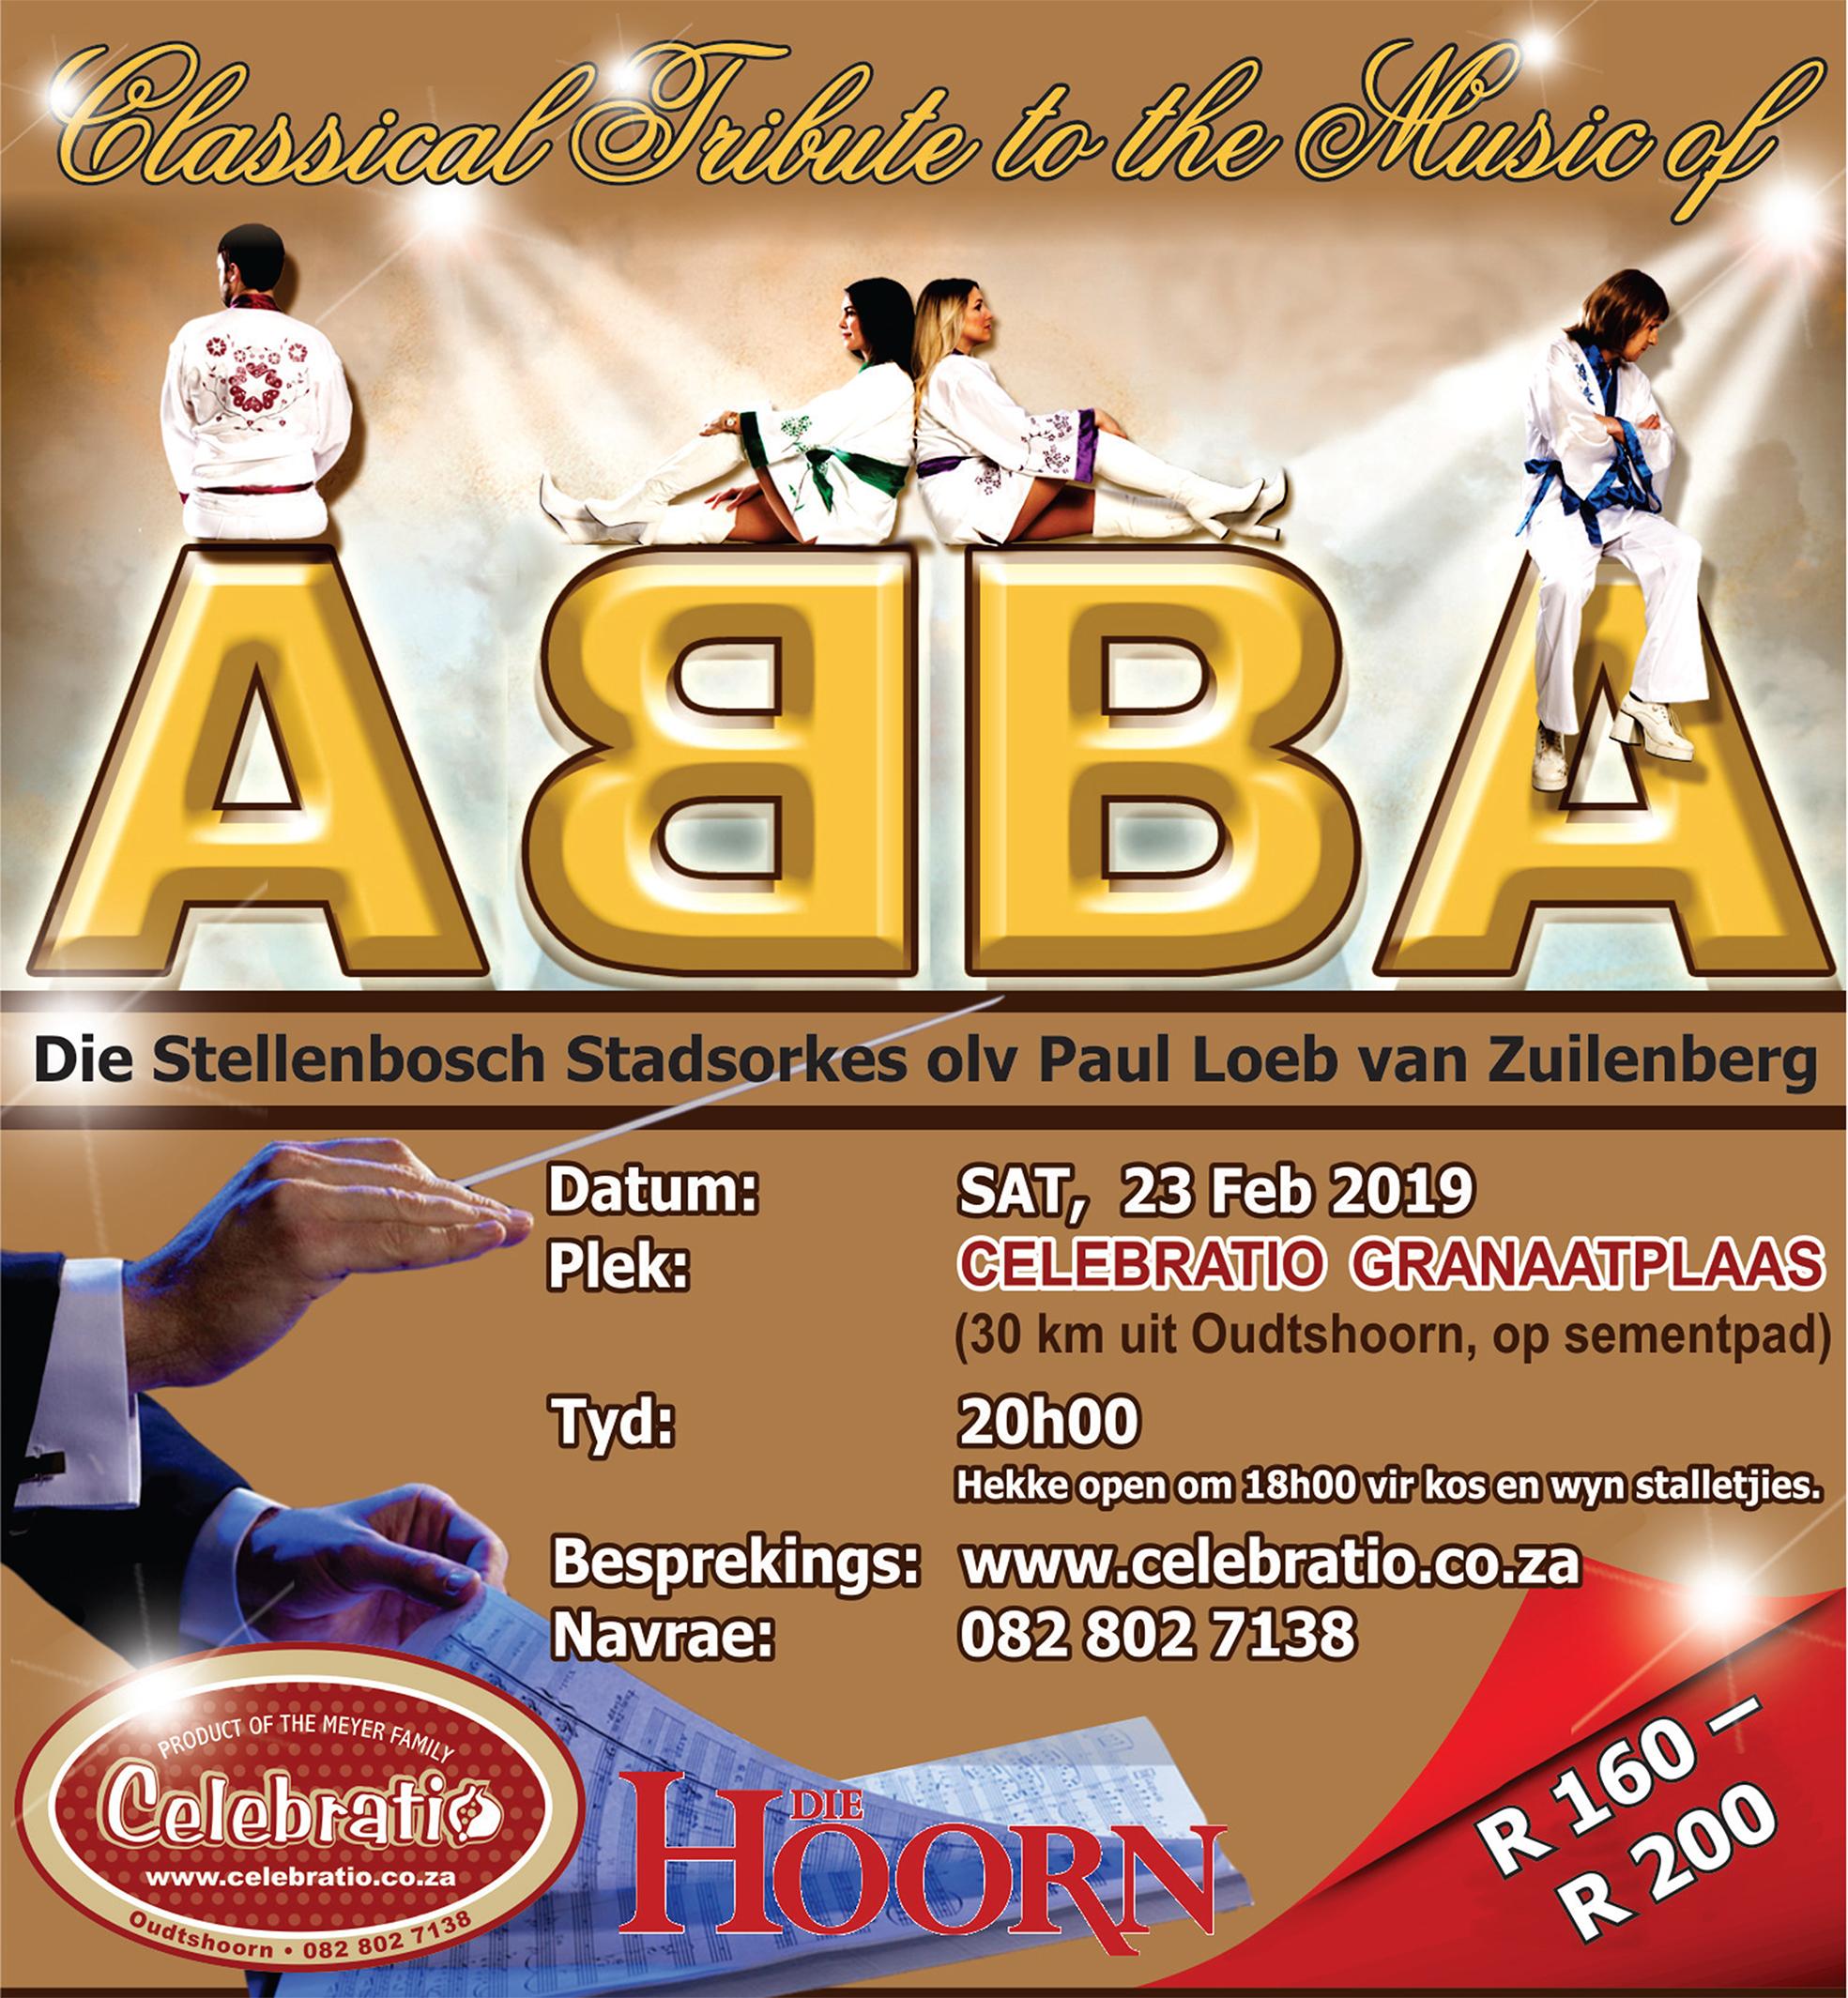 Beleef ABBA se musiek in die hart van die Klein Karoo!